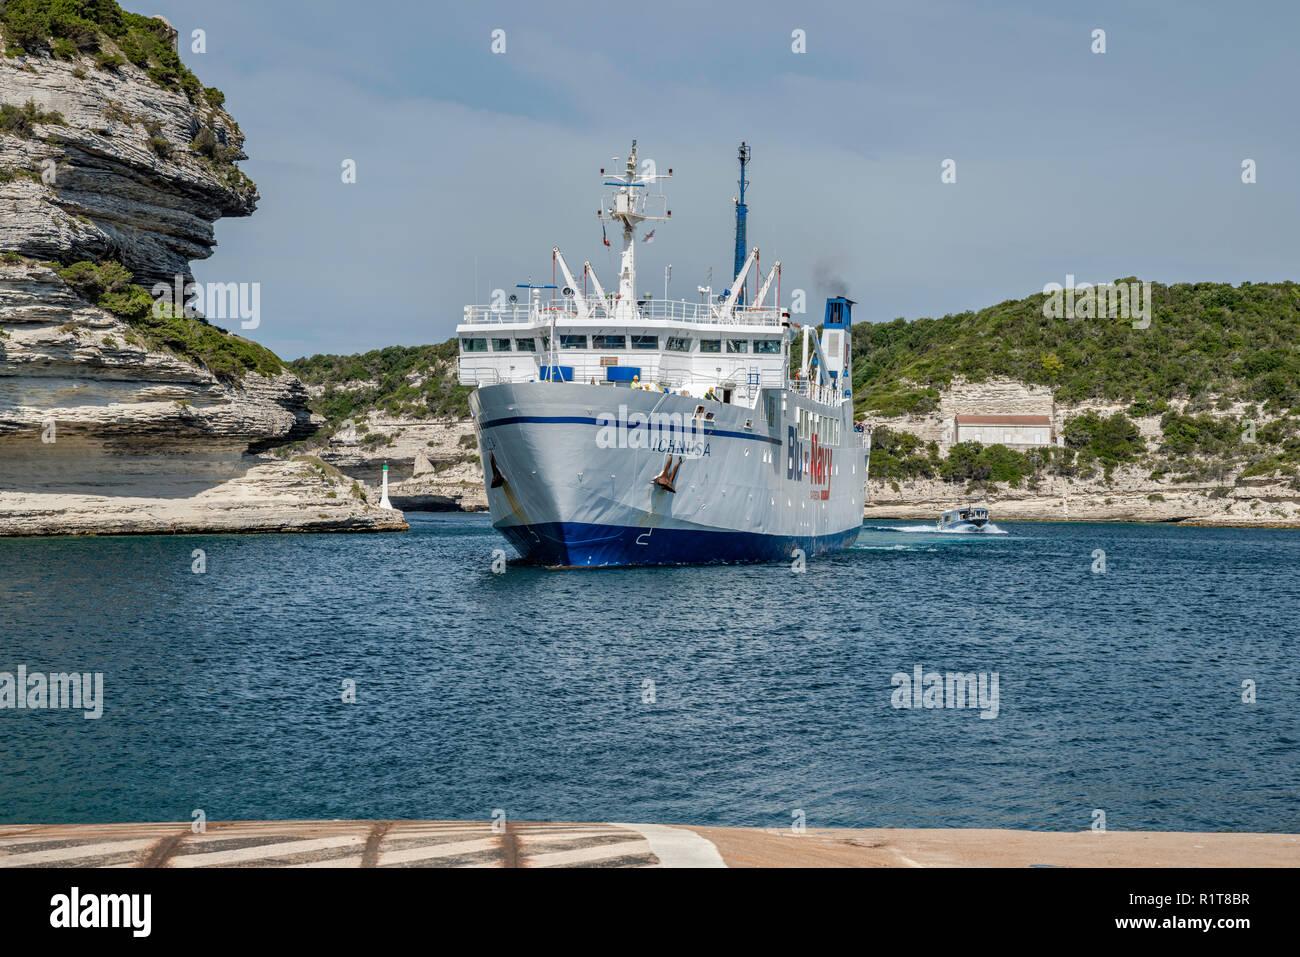 MS Ichnusa Fähre von Santa Teresa Gallura, Sardinien kommend, nähert sich Terminal am Hafen von Bonifacio, Corse-du-Sud, Korsika, Frankreich Stockbild